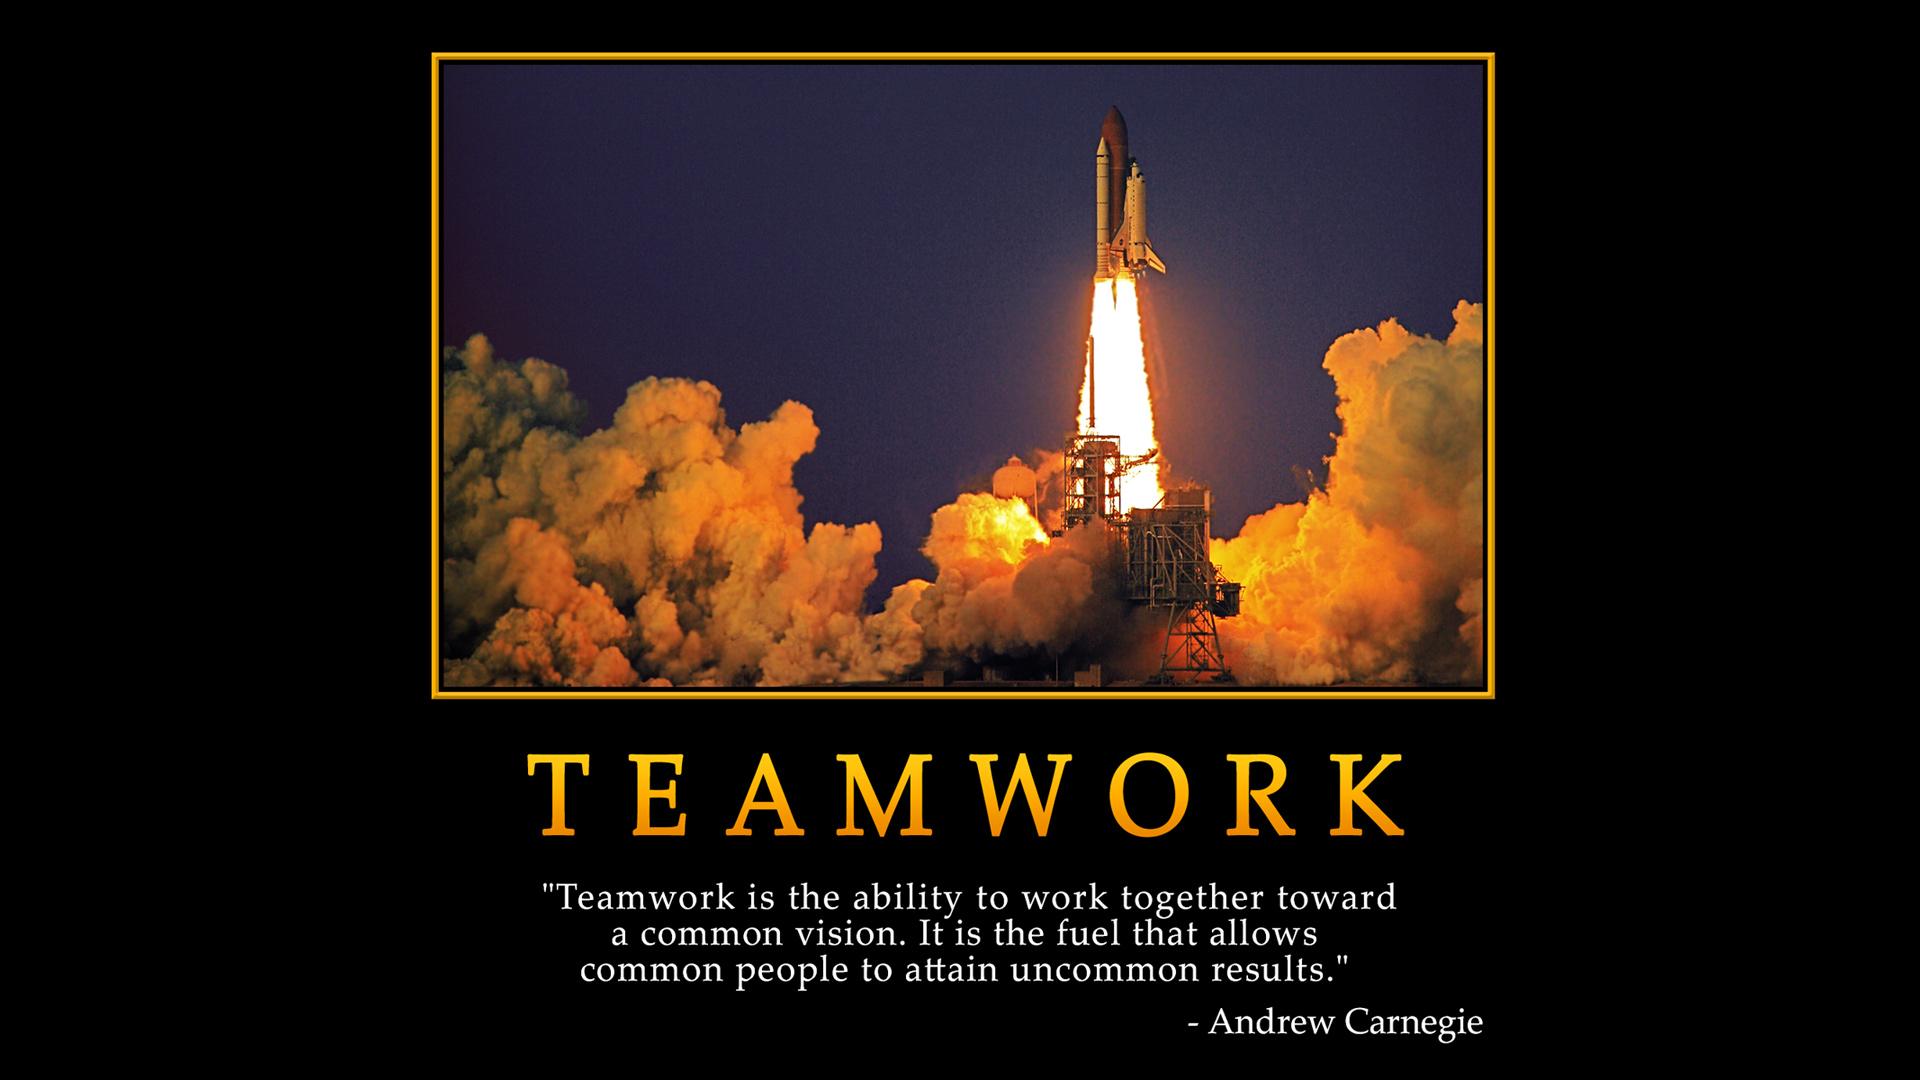 0097-teamwork_1920x1080